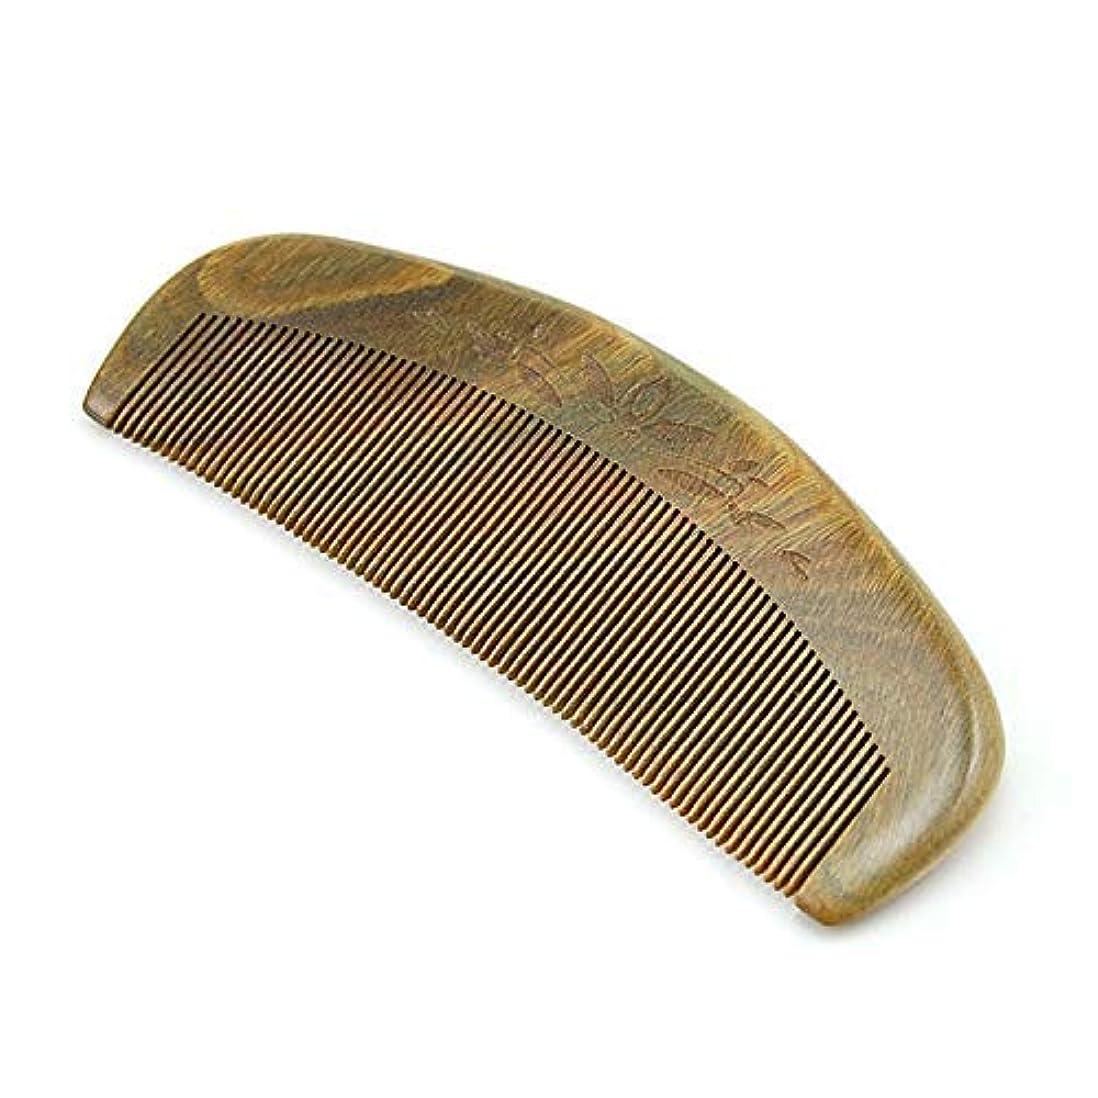 画像取り替えるアナロジーBrand New and Natural Green Sandalwood Fine Tooth Comb, Anti Static Pocket Wooden Comb [並行輸入品]